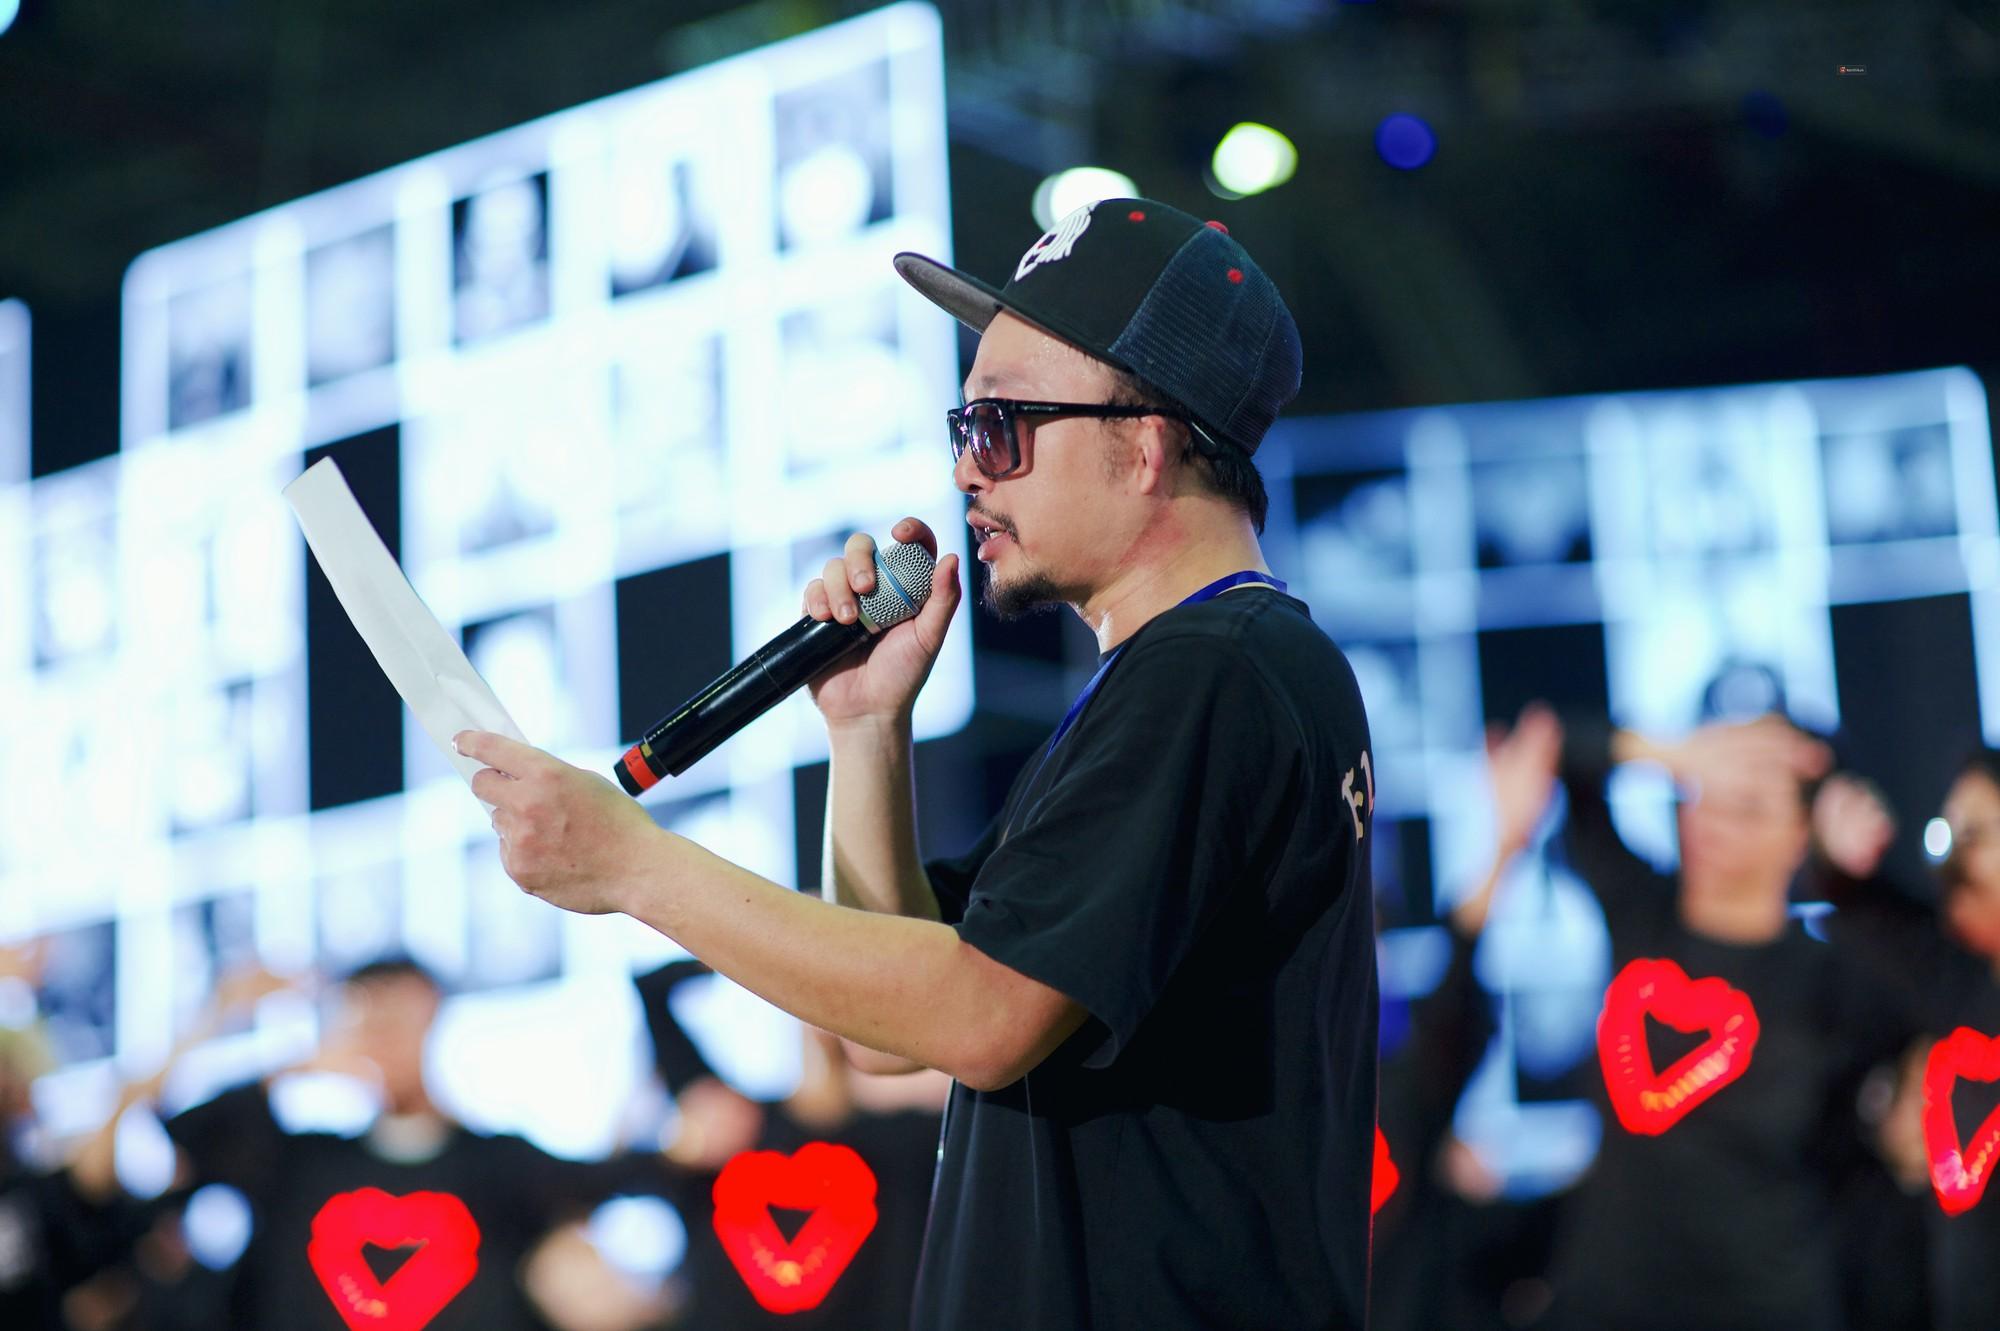 Nghệ sĩ Việt bồi hồi cảm xúc trước đêm Gala Wechoice Awards: Người háo hức từng giờ, người từng bật khóc - Ảnh 6.